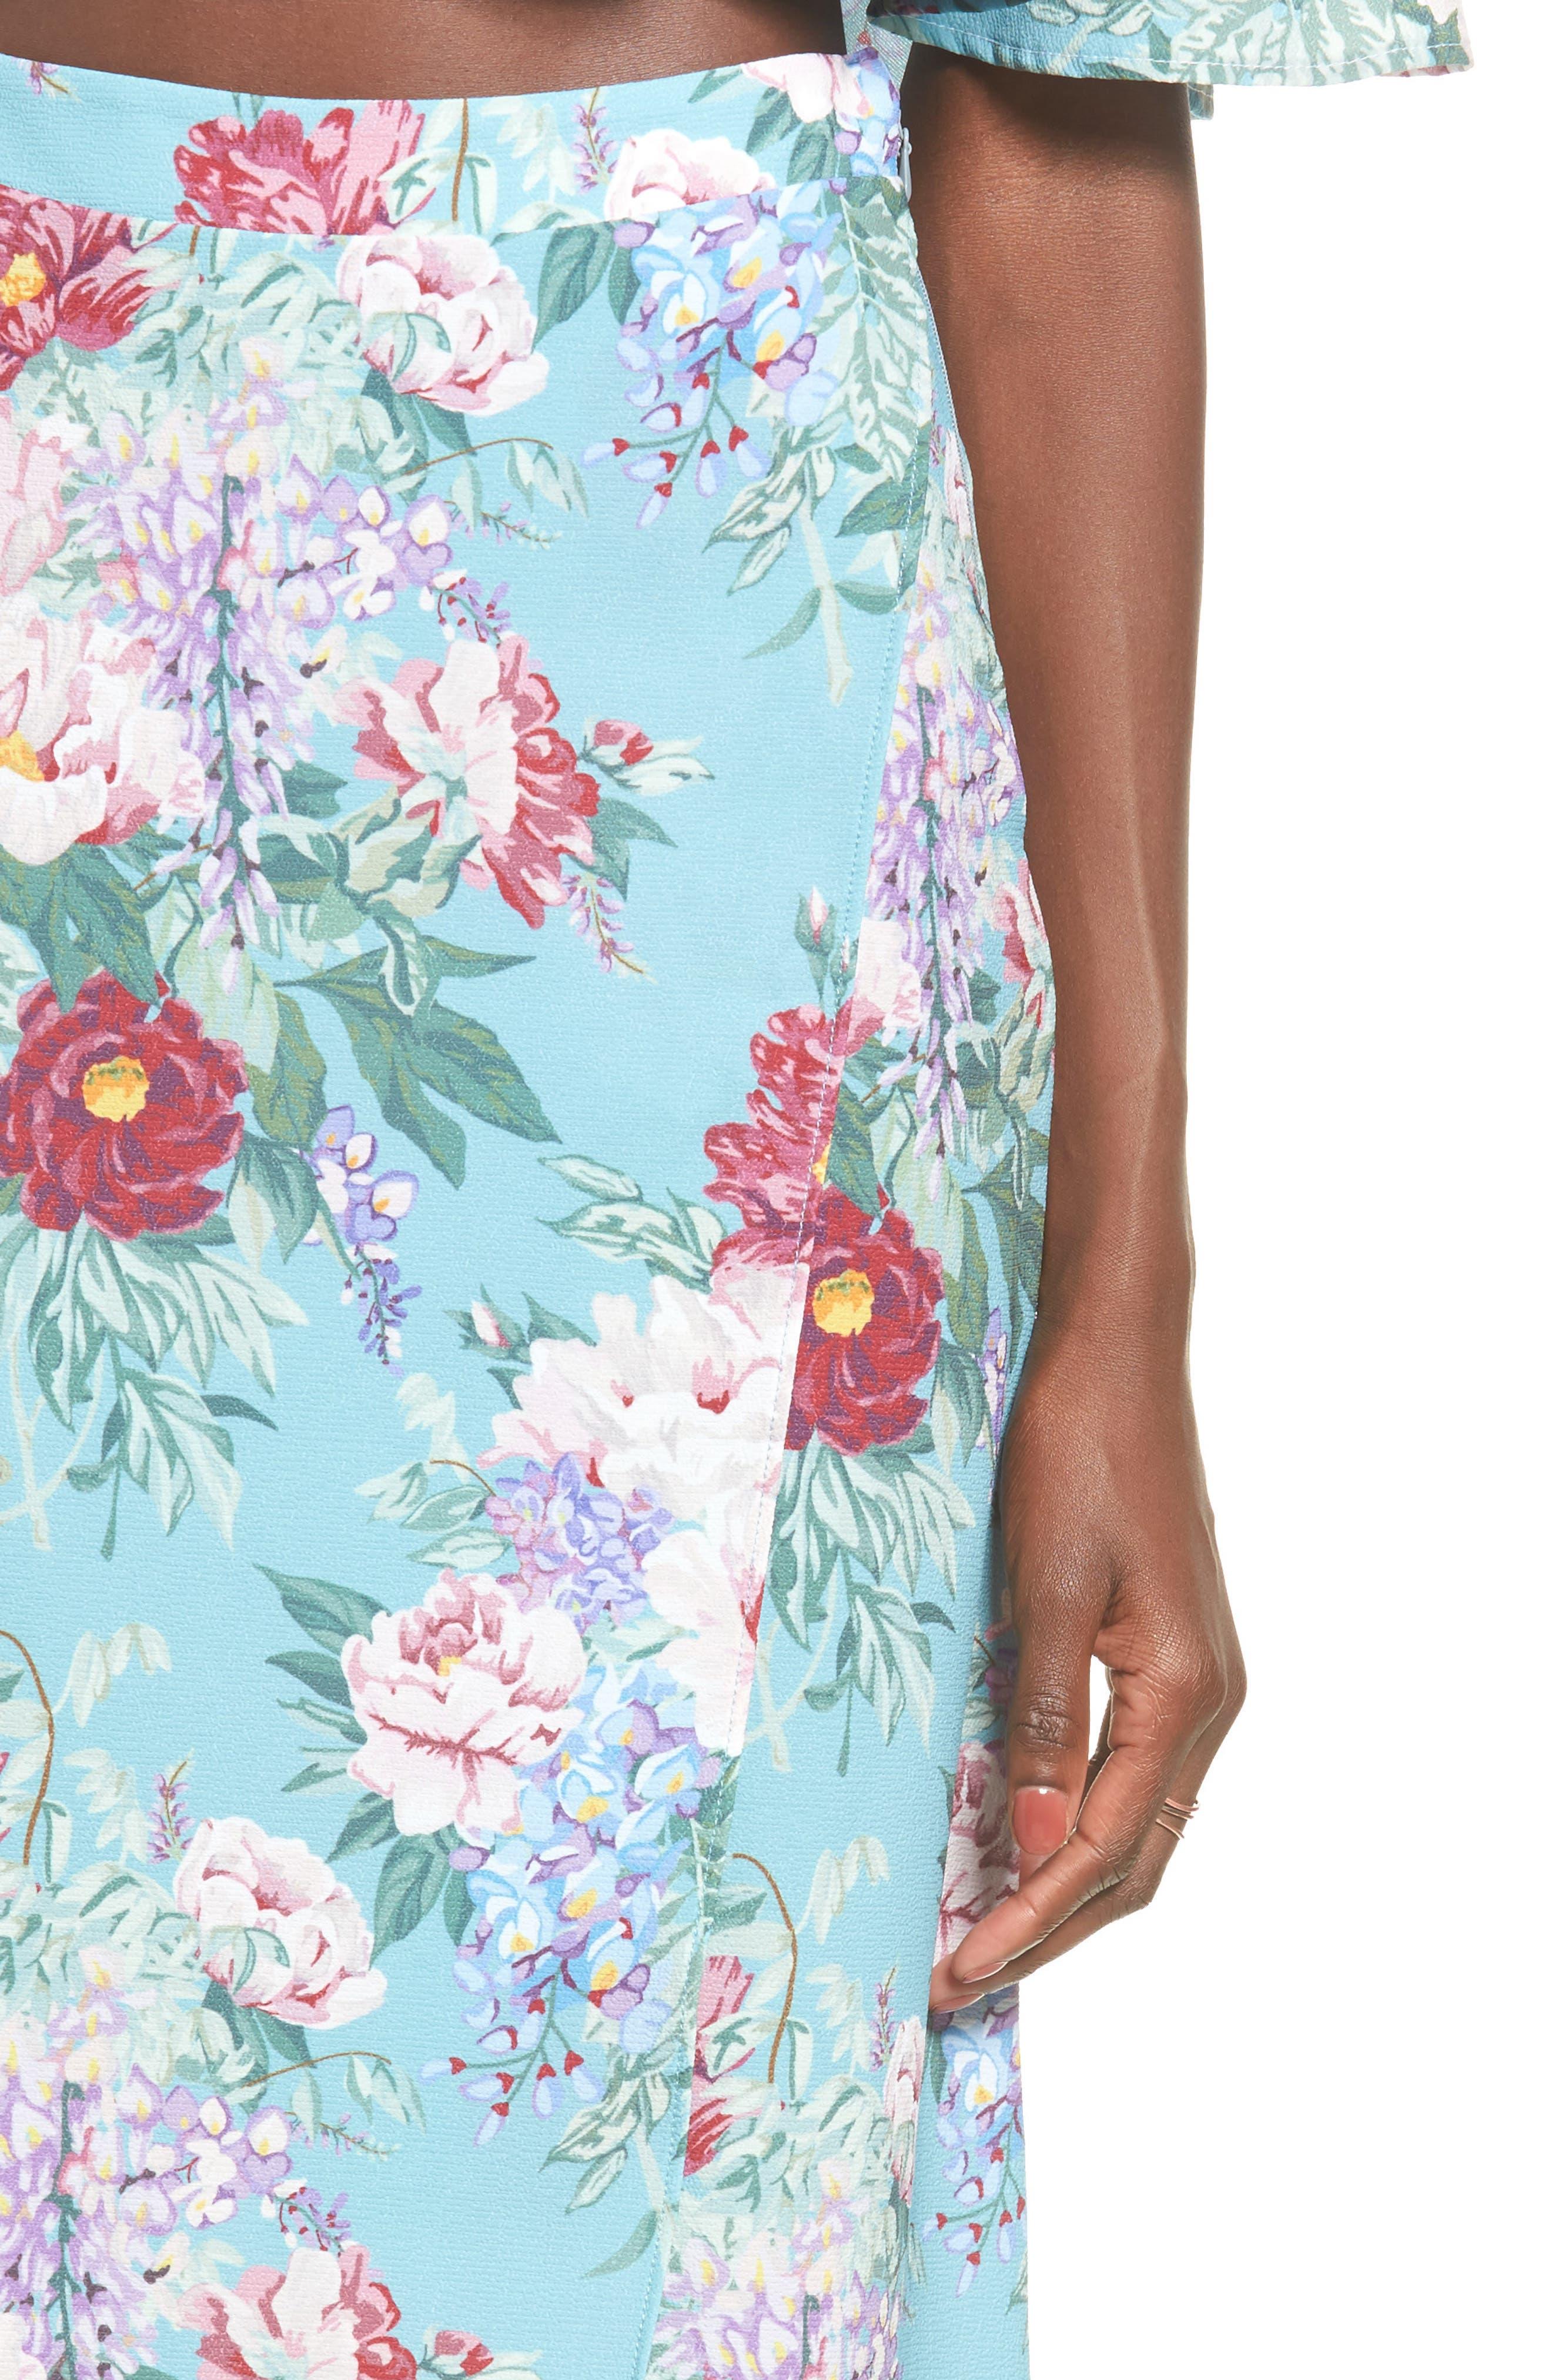 Flirt Midi Skirt,                             Alternate thumbnail 4, color,                             Darling Dolls Crinkle